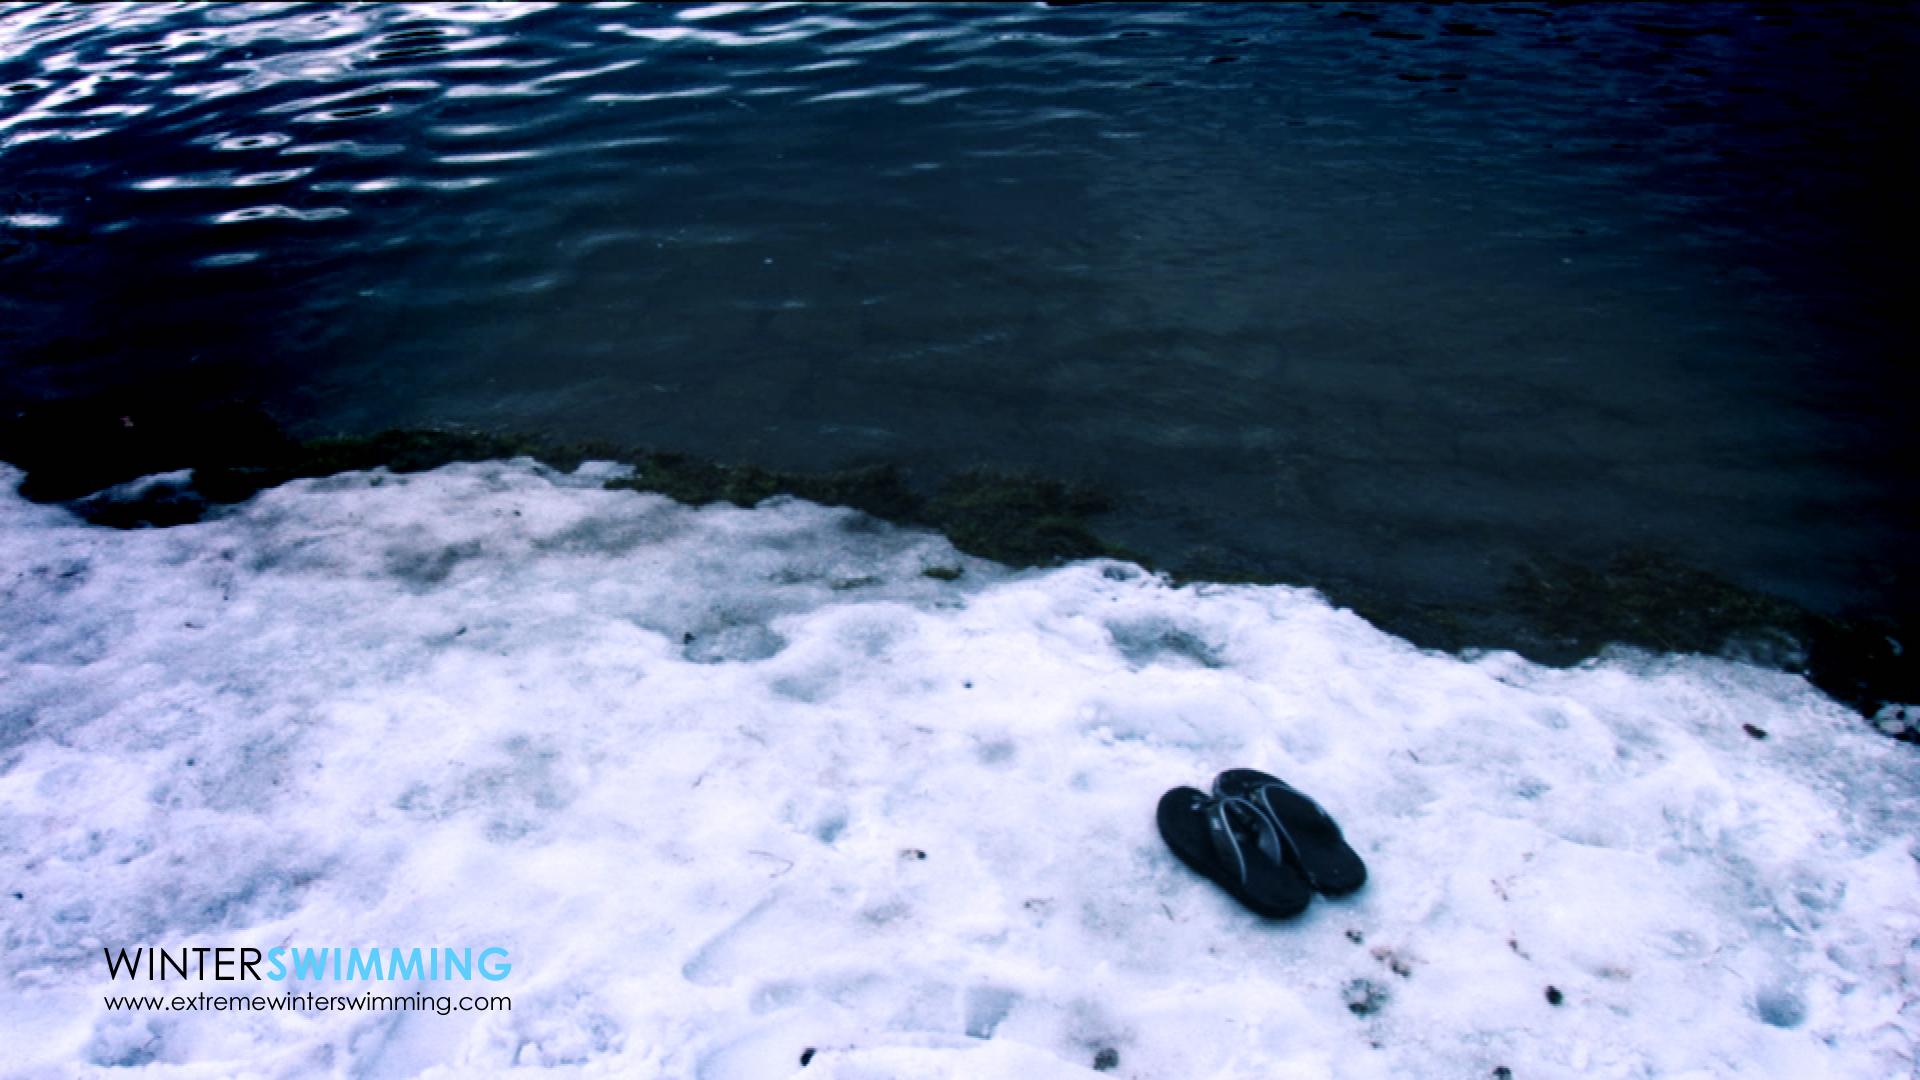 winterswimming